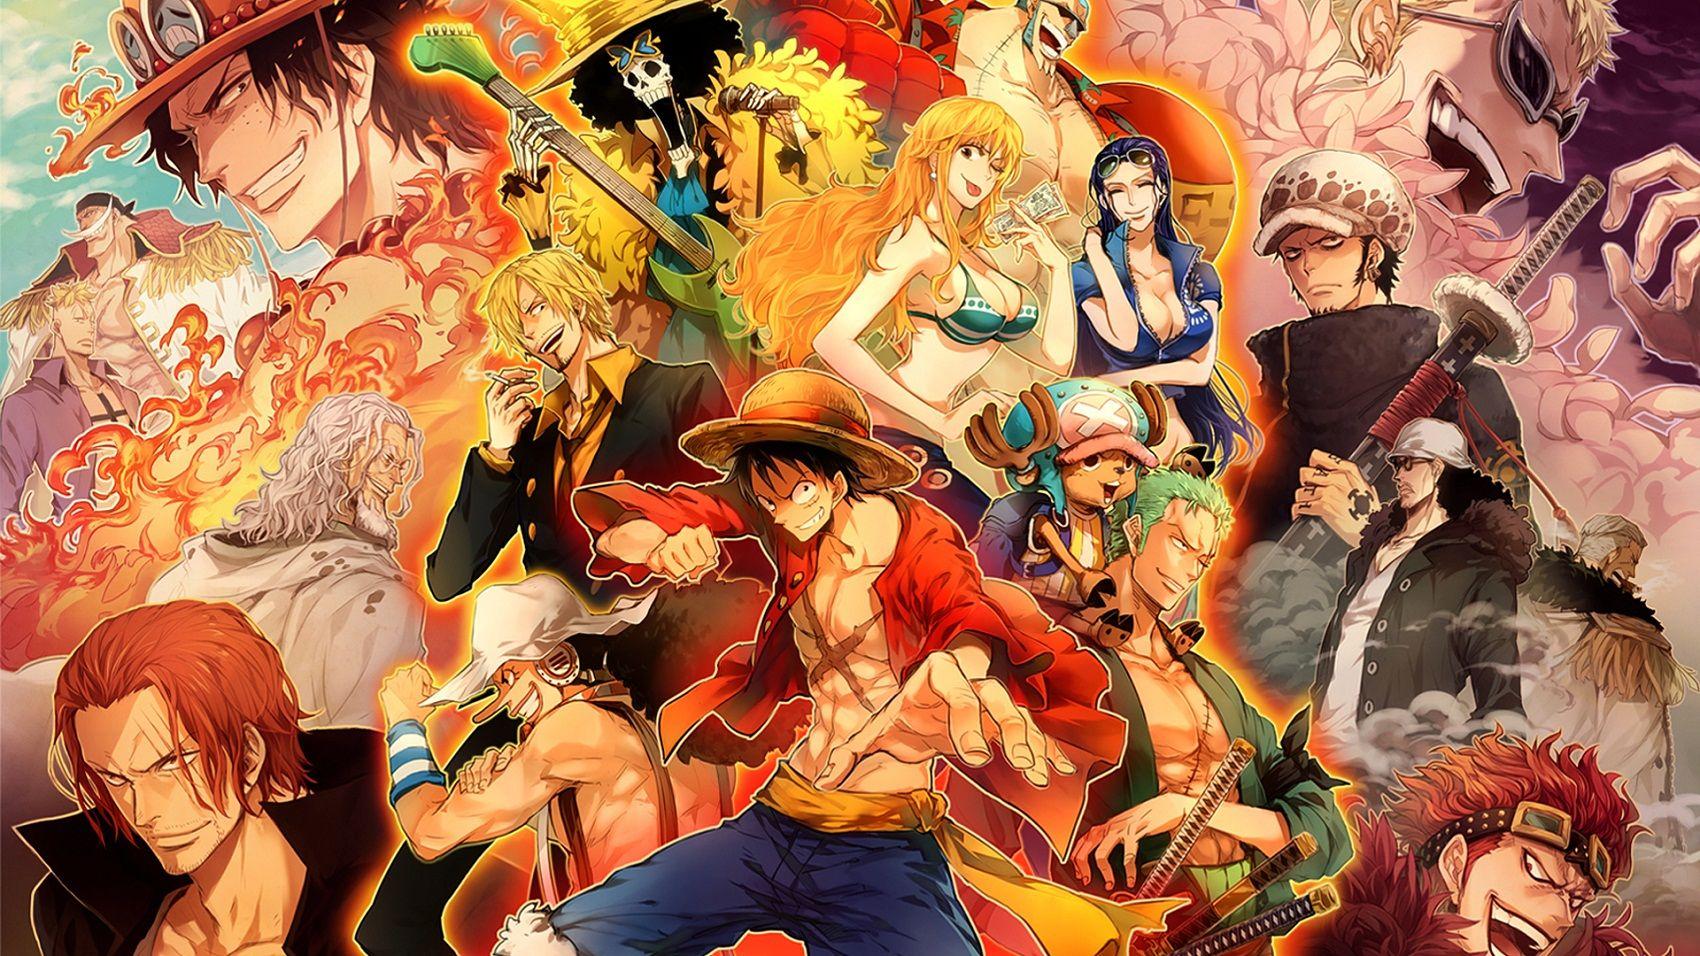 Bộ hình ảnh One Piece đẹp, ngầu nhất cho anh em. Với chất lượng Full HD thì bạn có thể làm ảnh nền điện thoại, máy tính hay làm Avatar cho riêng ...